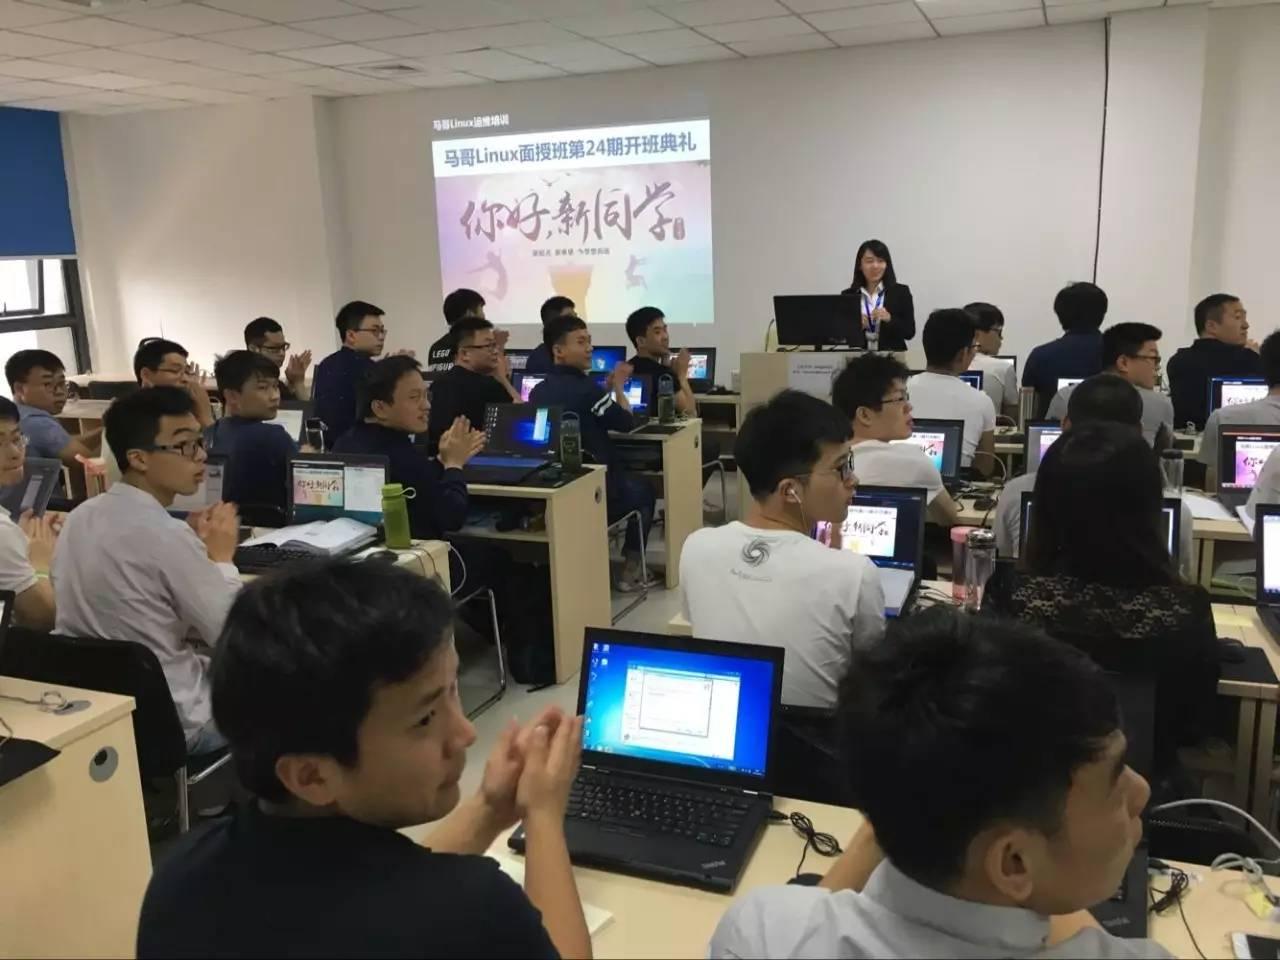 你好新同学 | 郑州校区Linux线下班24期开班